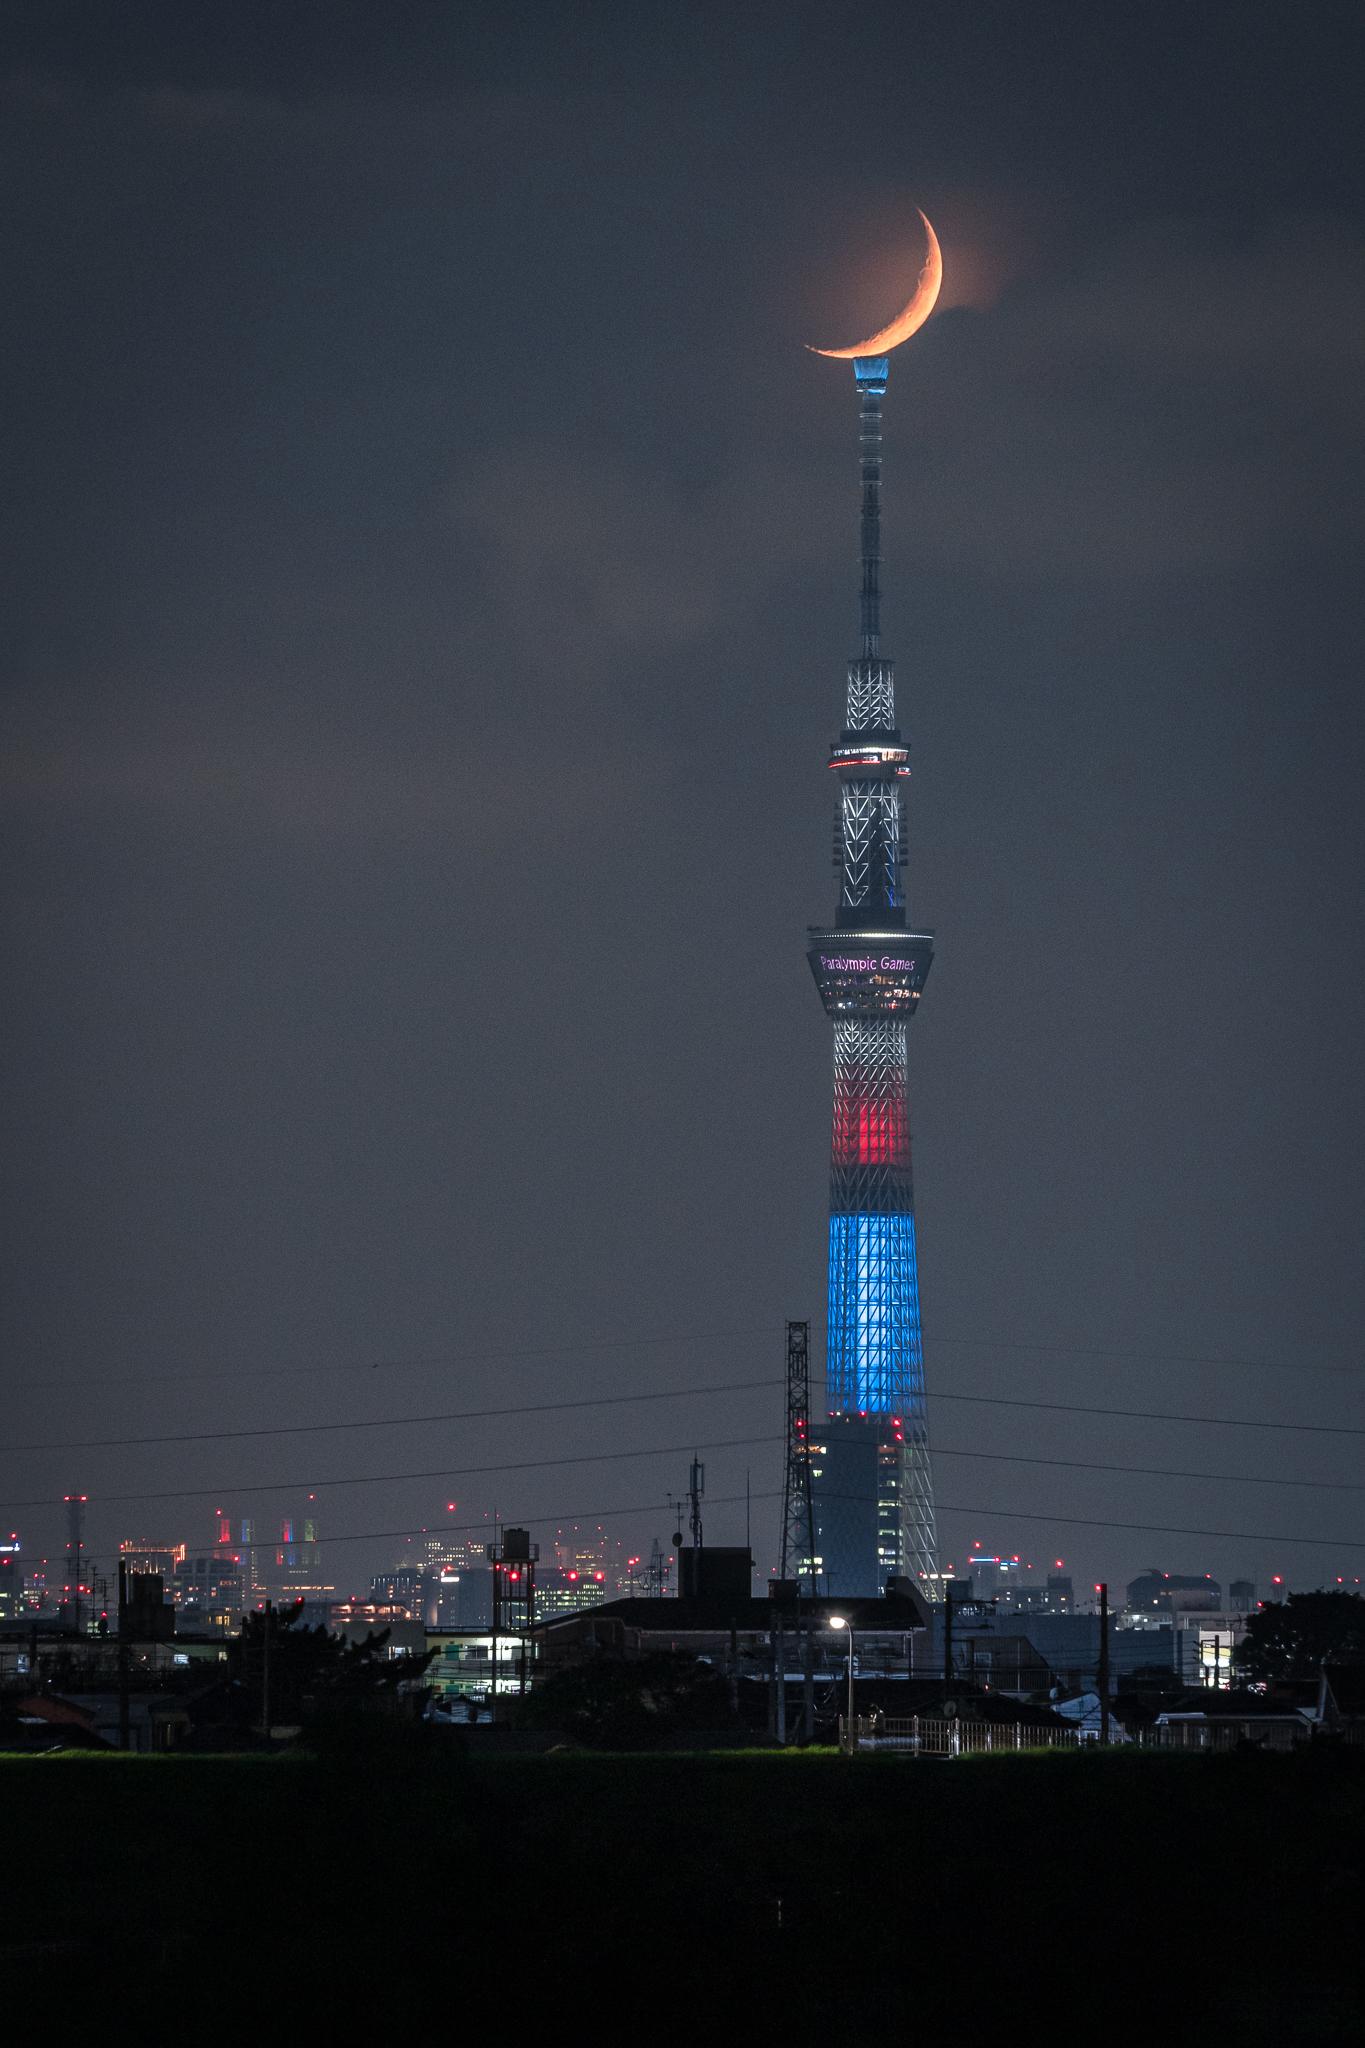 三日月とスカイツリー 2019年9月2日 江戸川より撮影